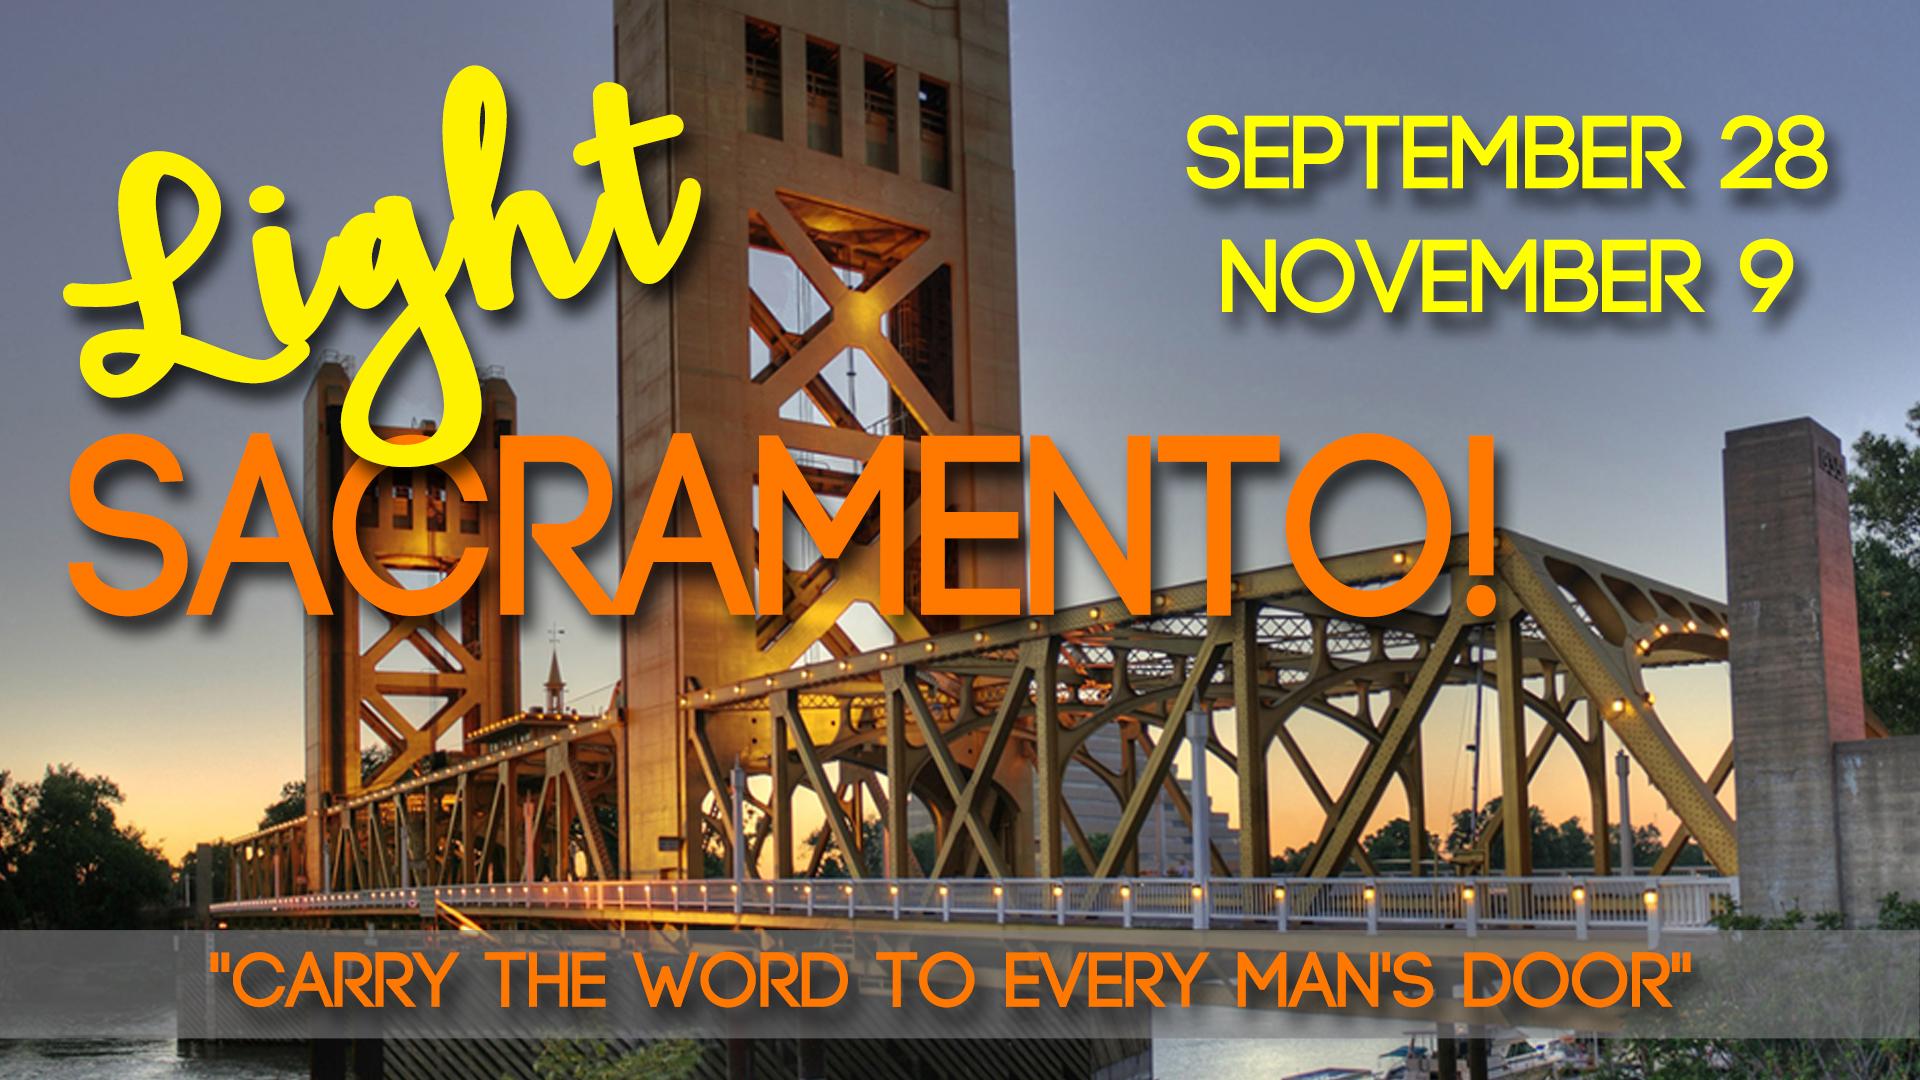 Light Sacramento!